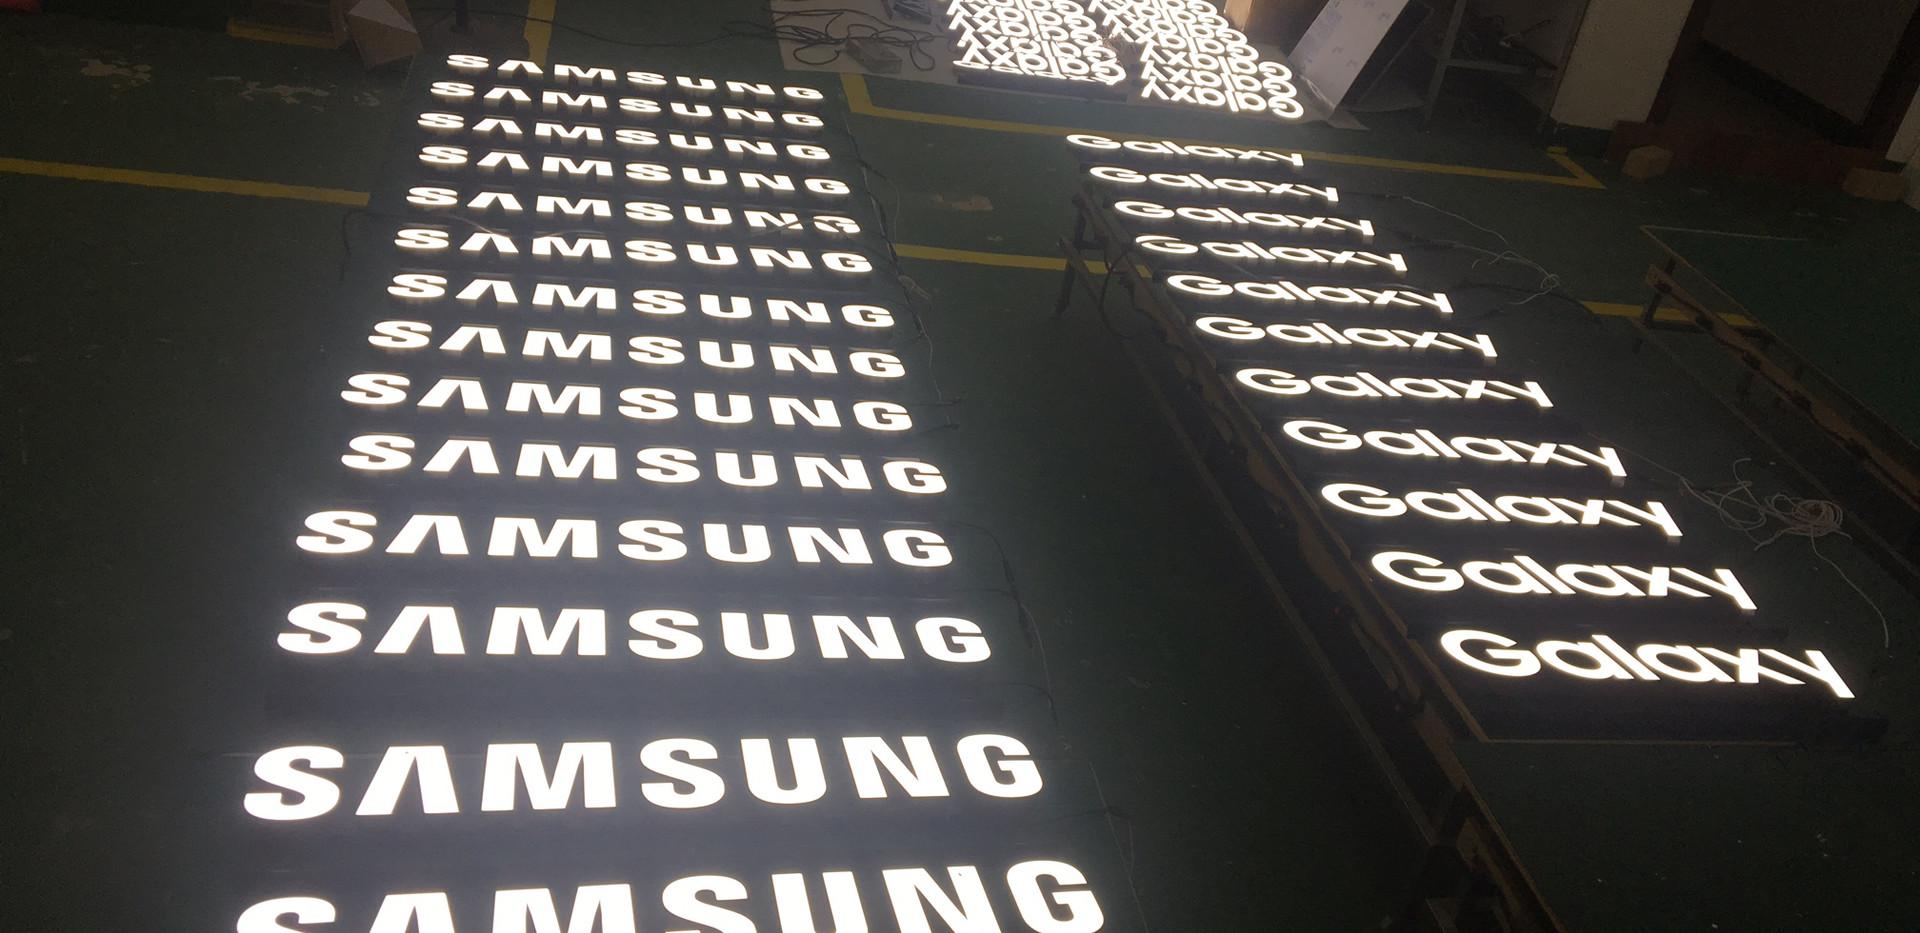 Samsung & Galaxy (2).JPG